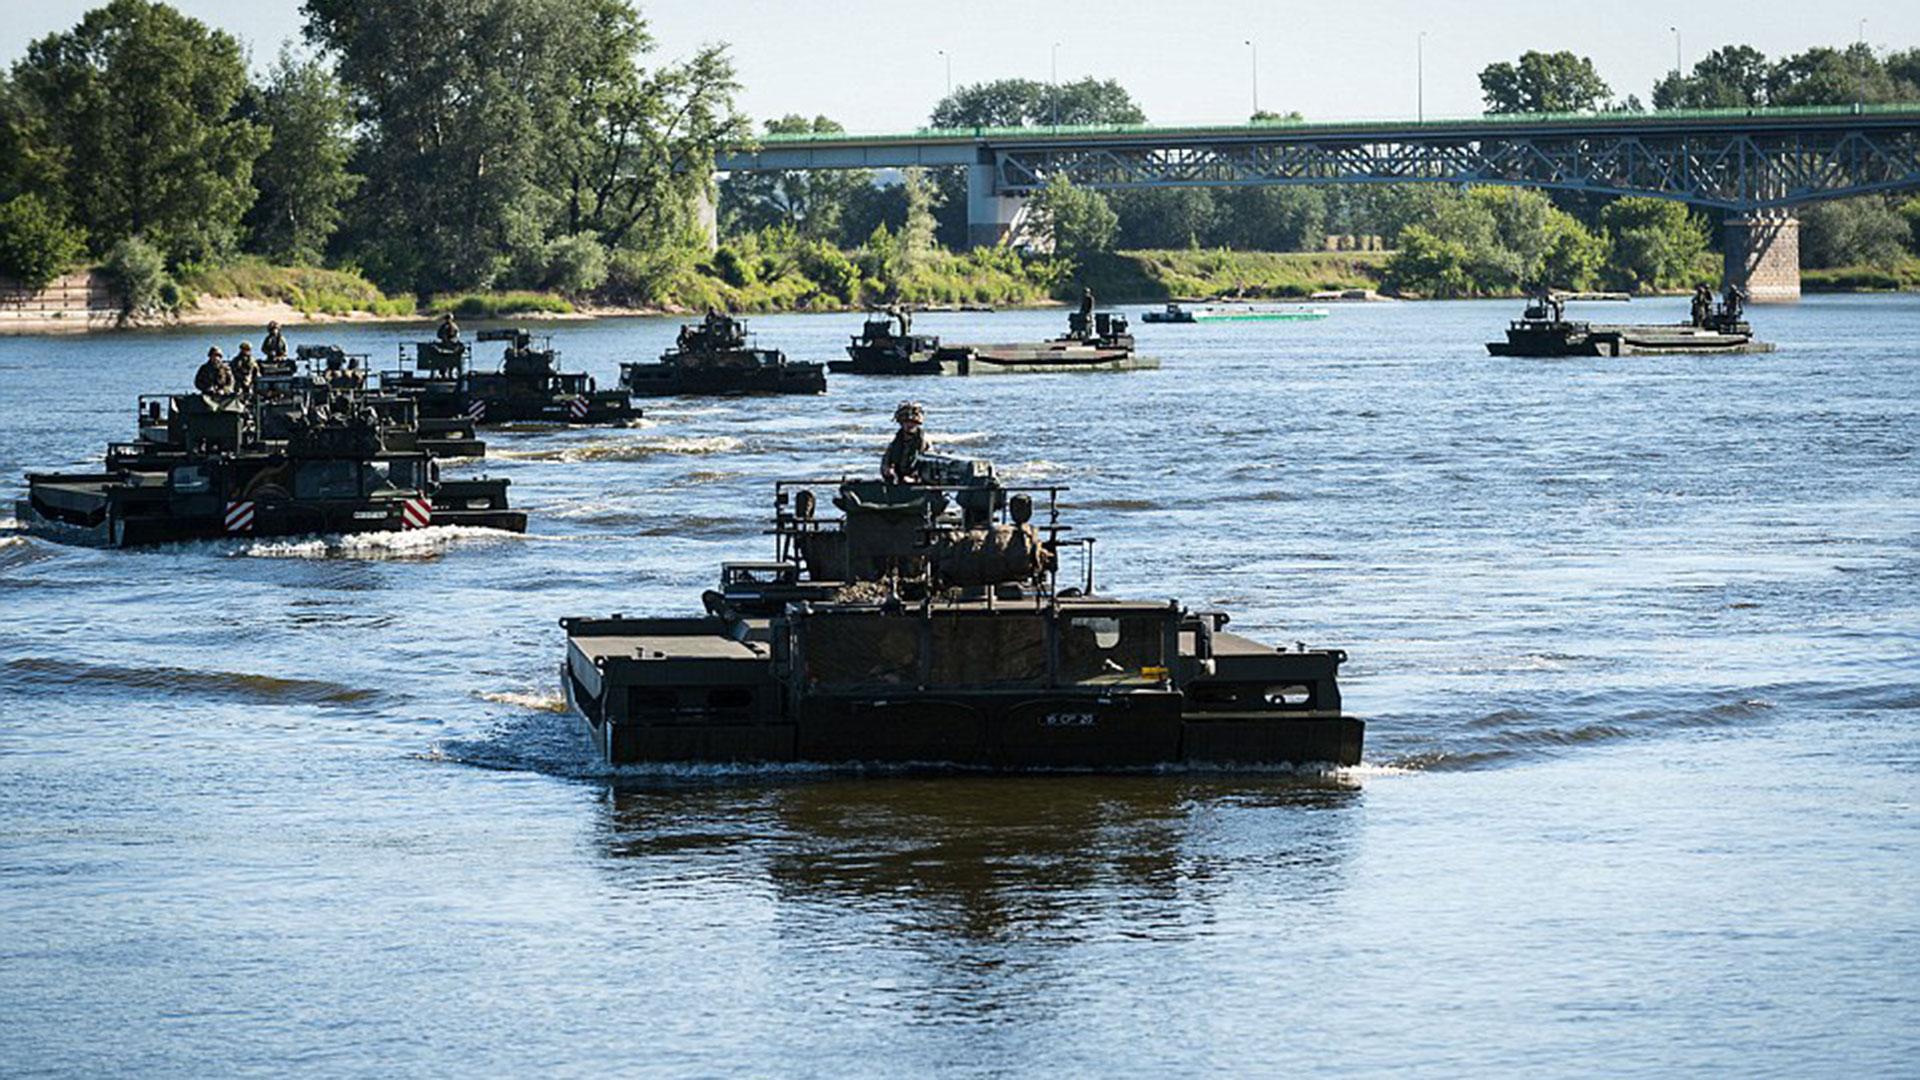 Los vehículos amfibios fueron una de las mayores atracciones para los habitantes de la ciudad polaca de Torun, que se acercaron a observar los movimientos militares de la OTAN